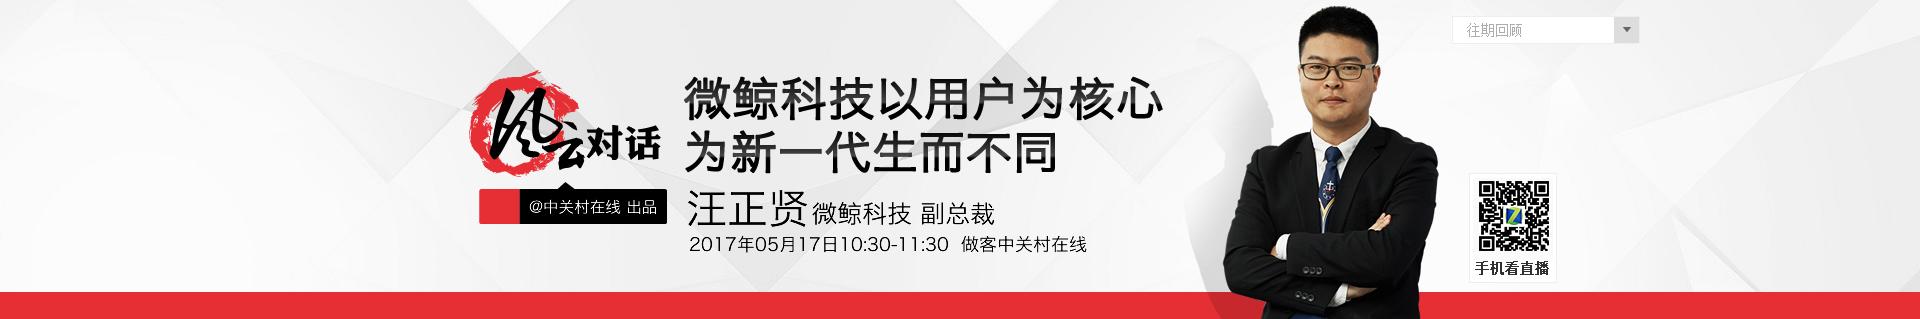 2017电视风云录 微鲸副总裁 汪正贤先生专访